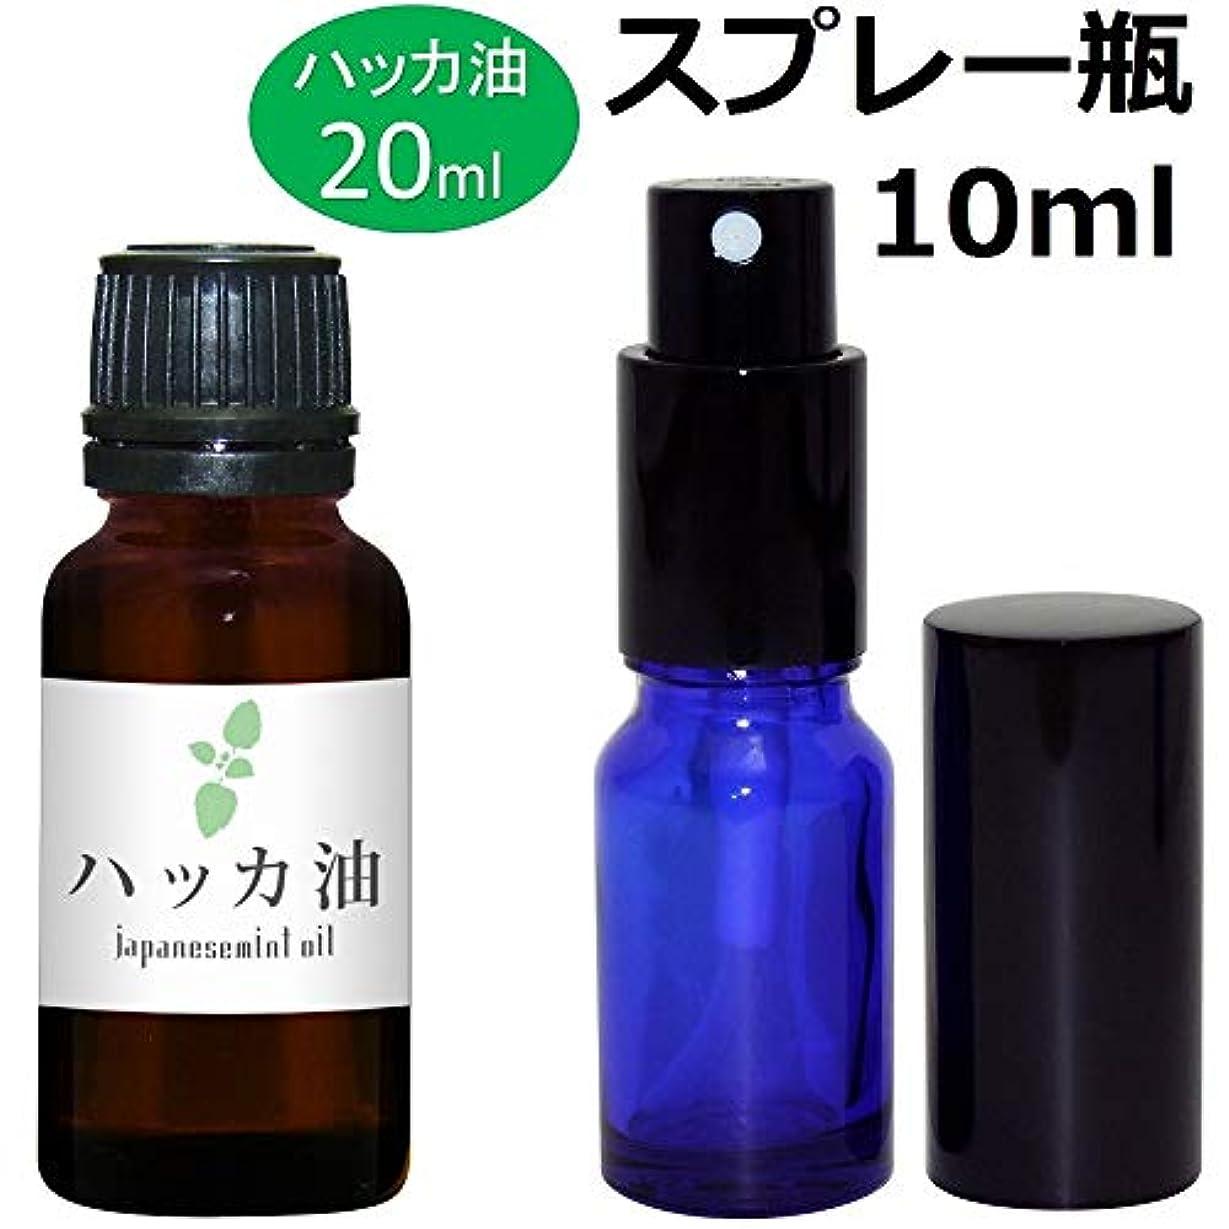 に対応ましい何もないガレージ?ゼロ ハッカ油 20ml(GZAK12)+ガラス瓶 スプレーボトル10ml/和種薄荷/ジャパニーズミント GSE533